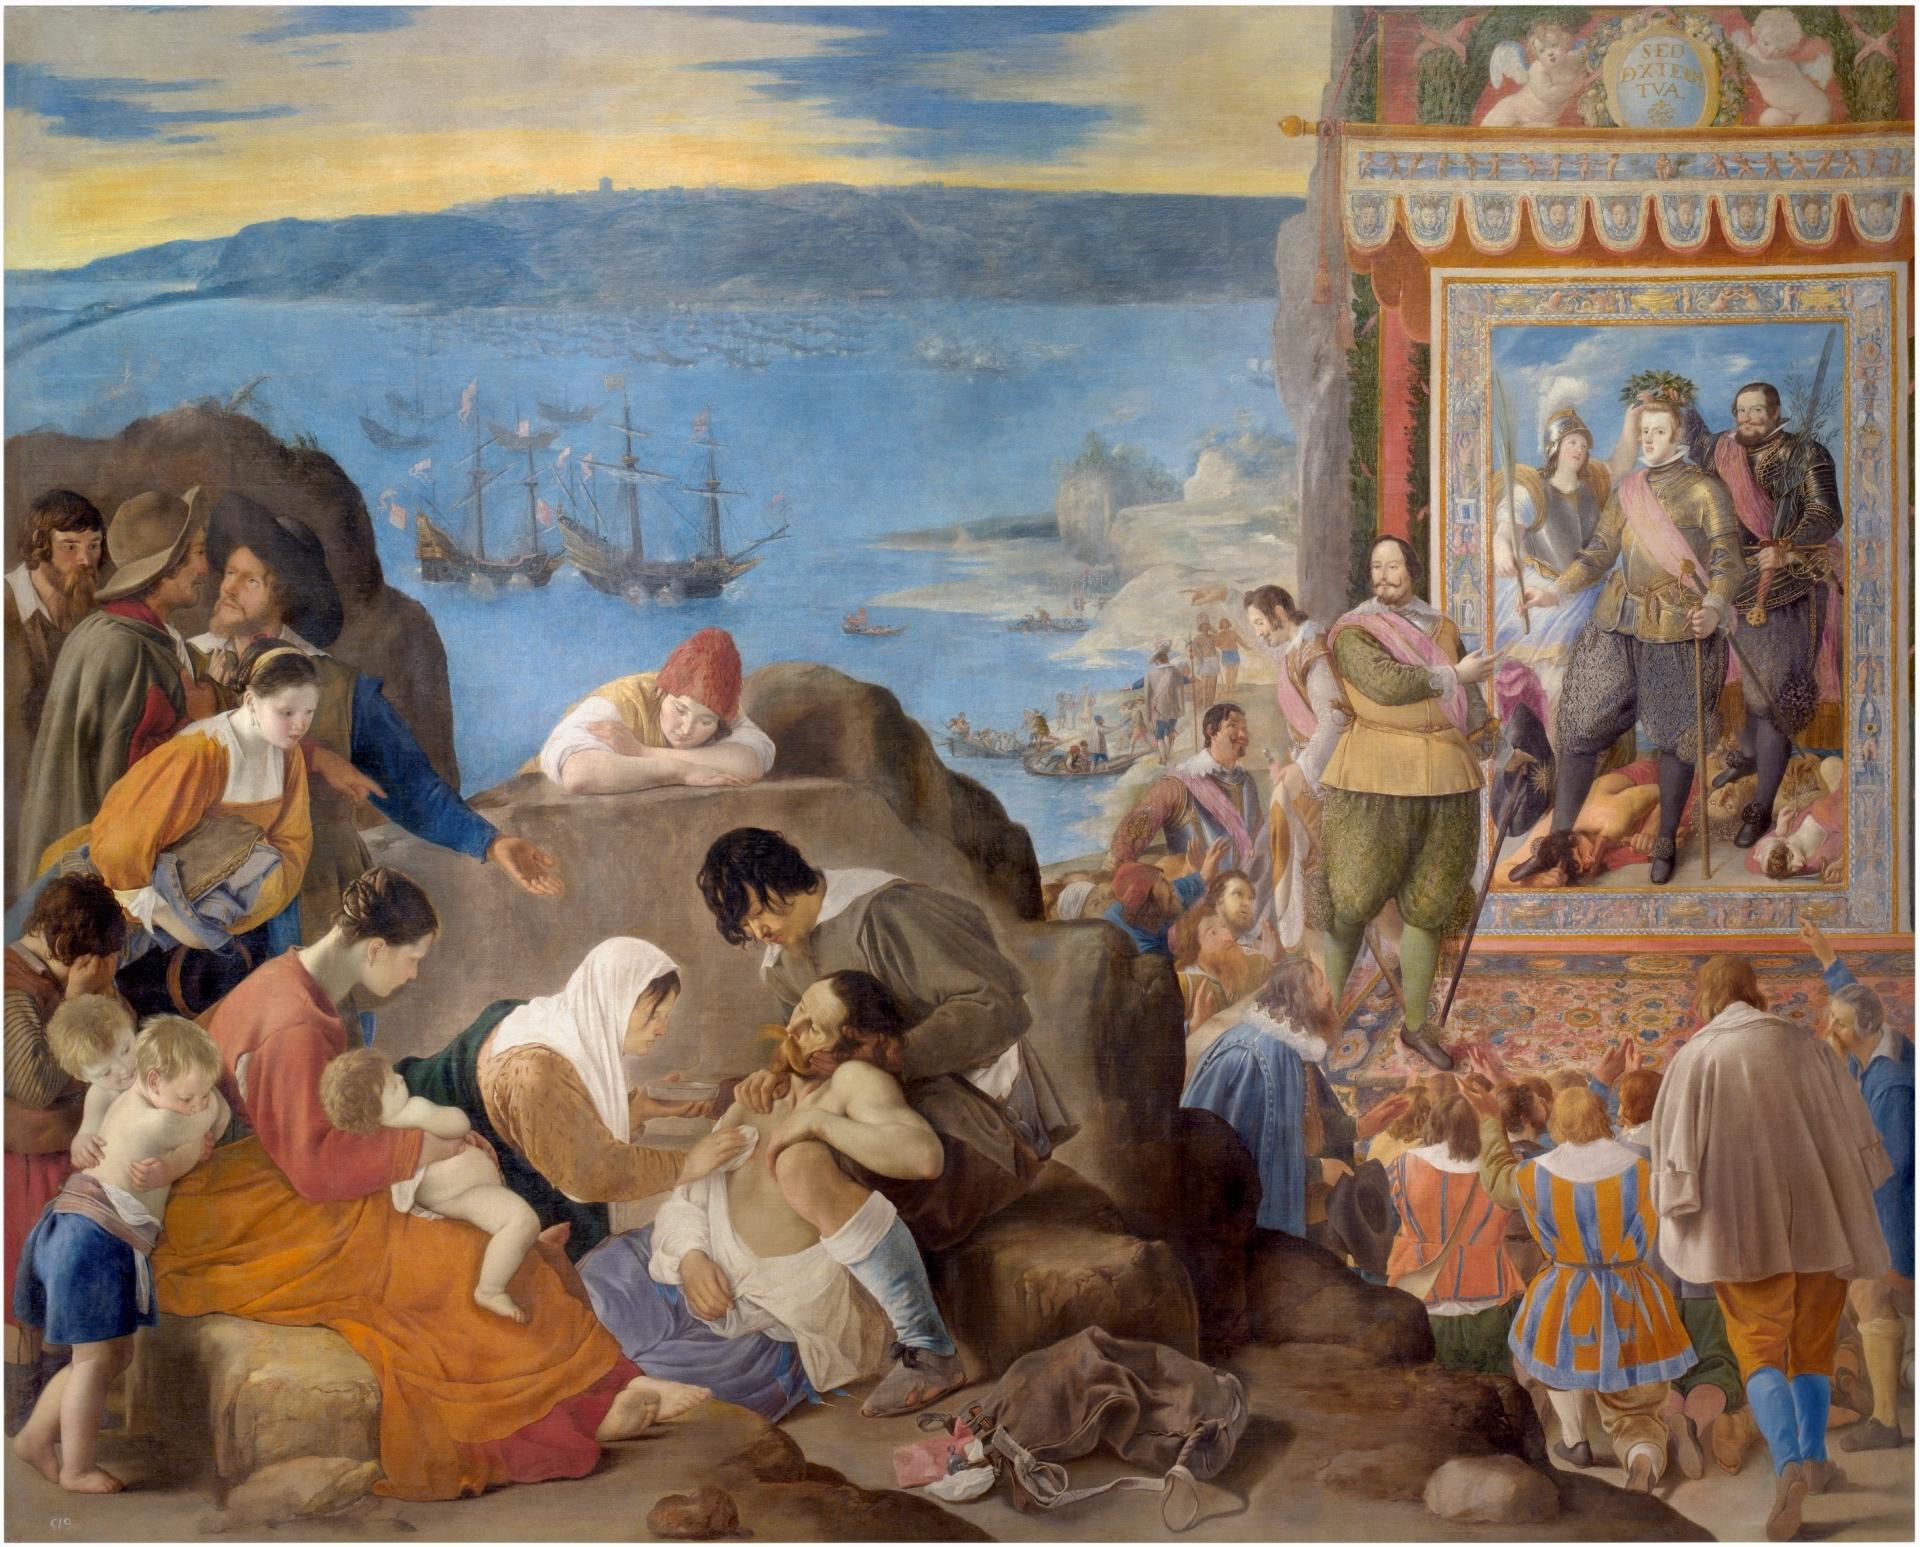 The Recapture of Bahía de Todos los Santos - The Collection